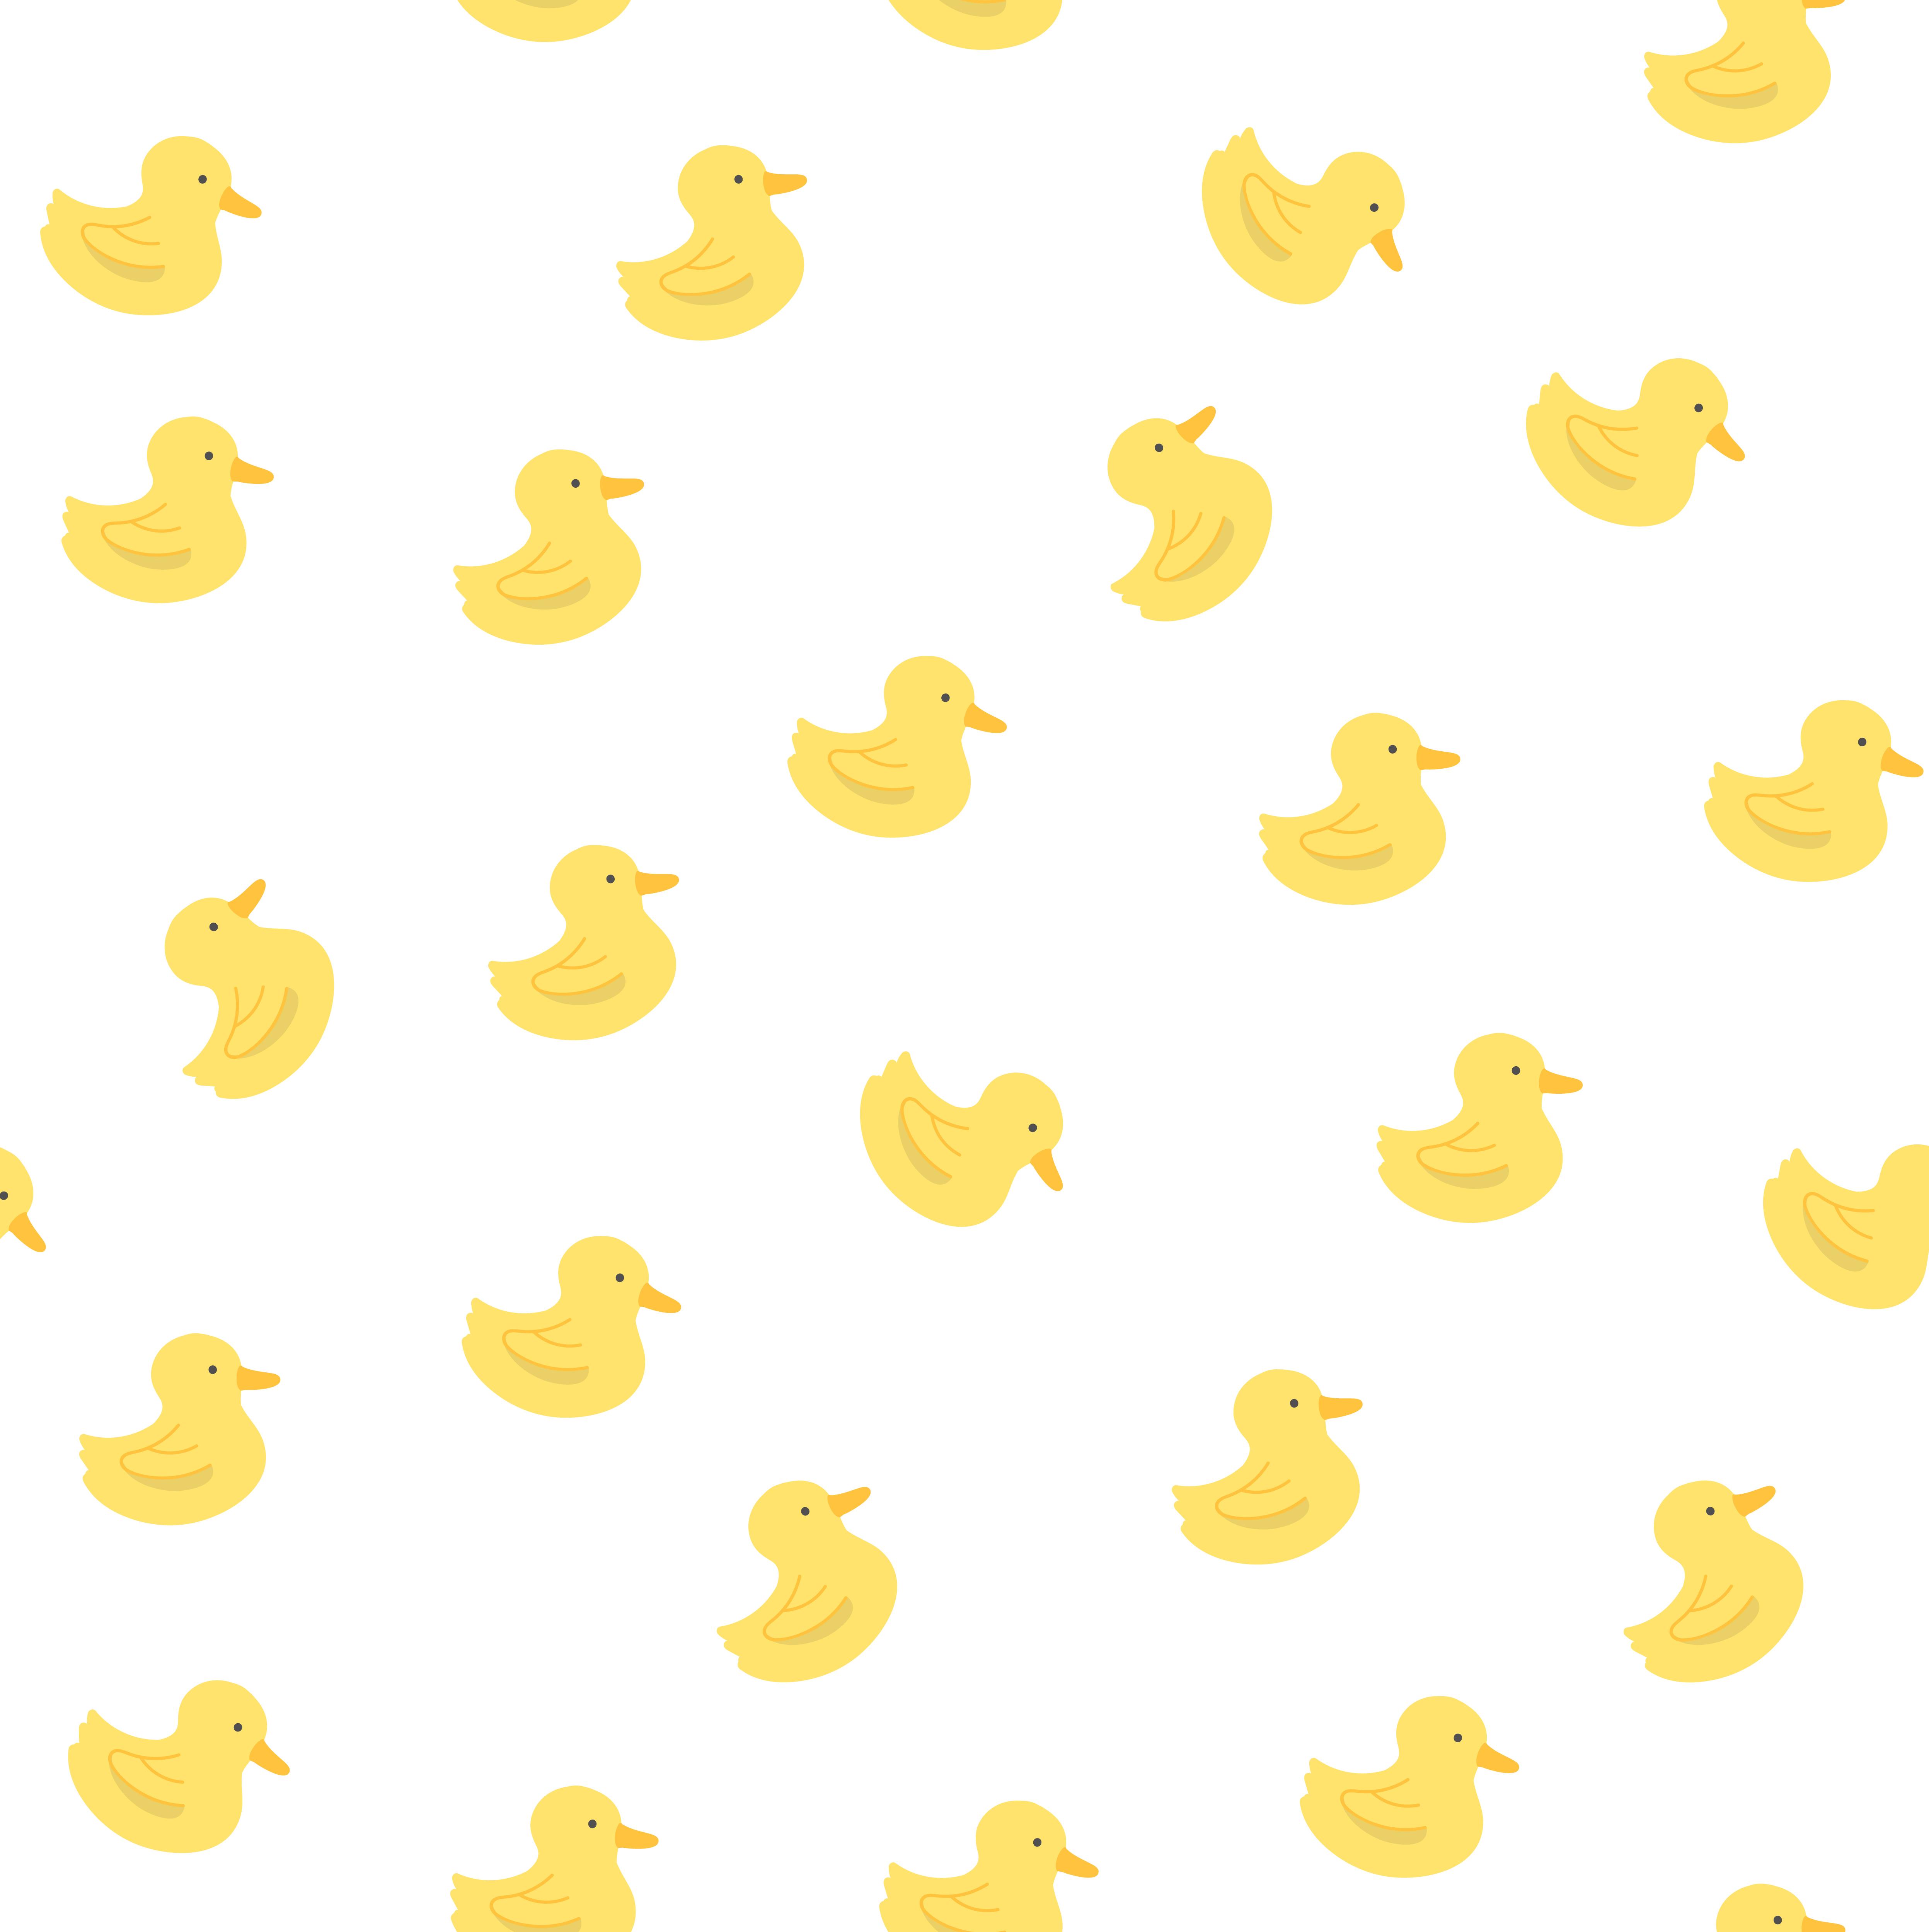 Duck Pattern - 4990x4999 Wallpaper ...